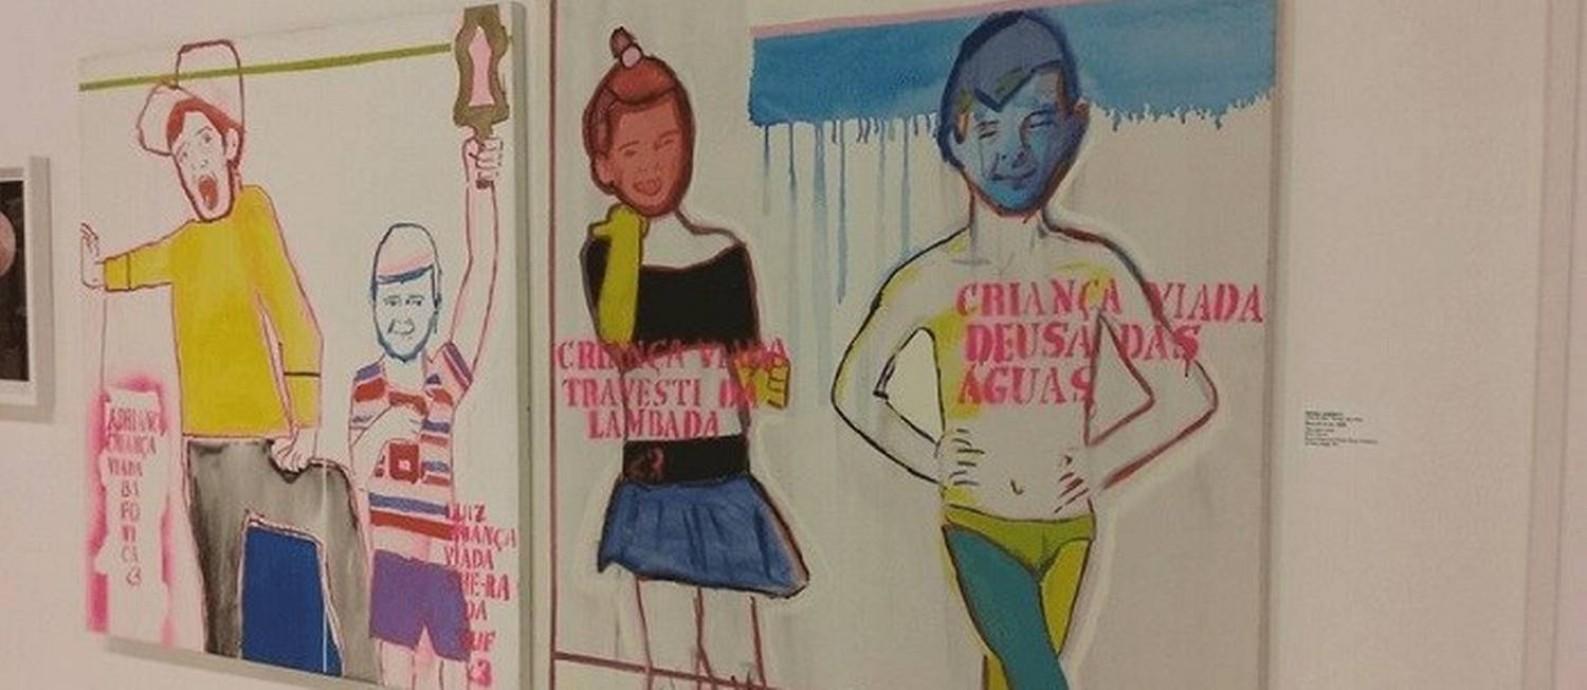 Uma das obras polêmicas da mostra Queermuseu Foto: Facebook / Reprodução